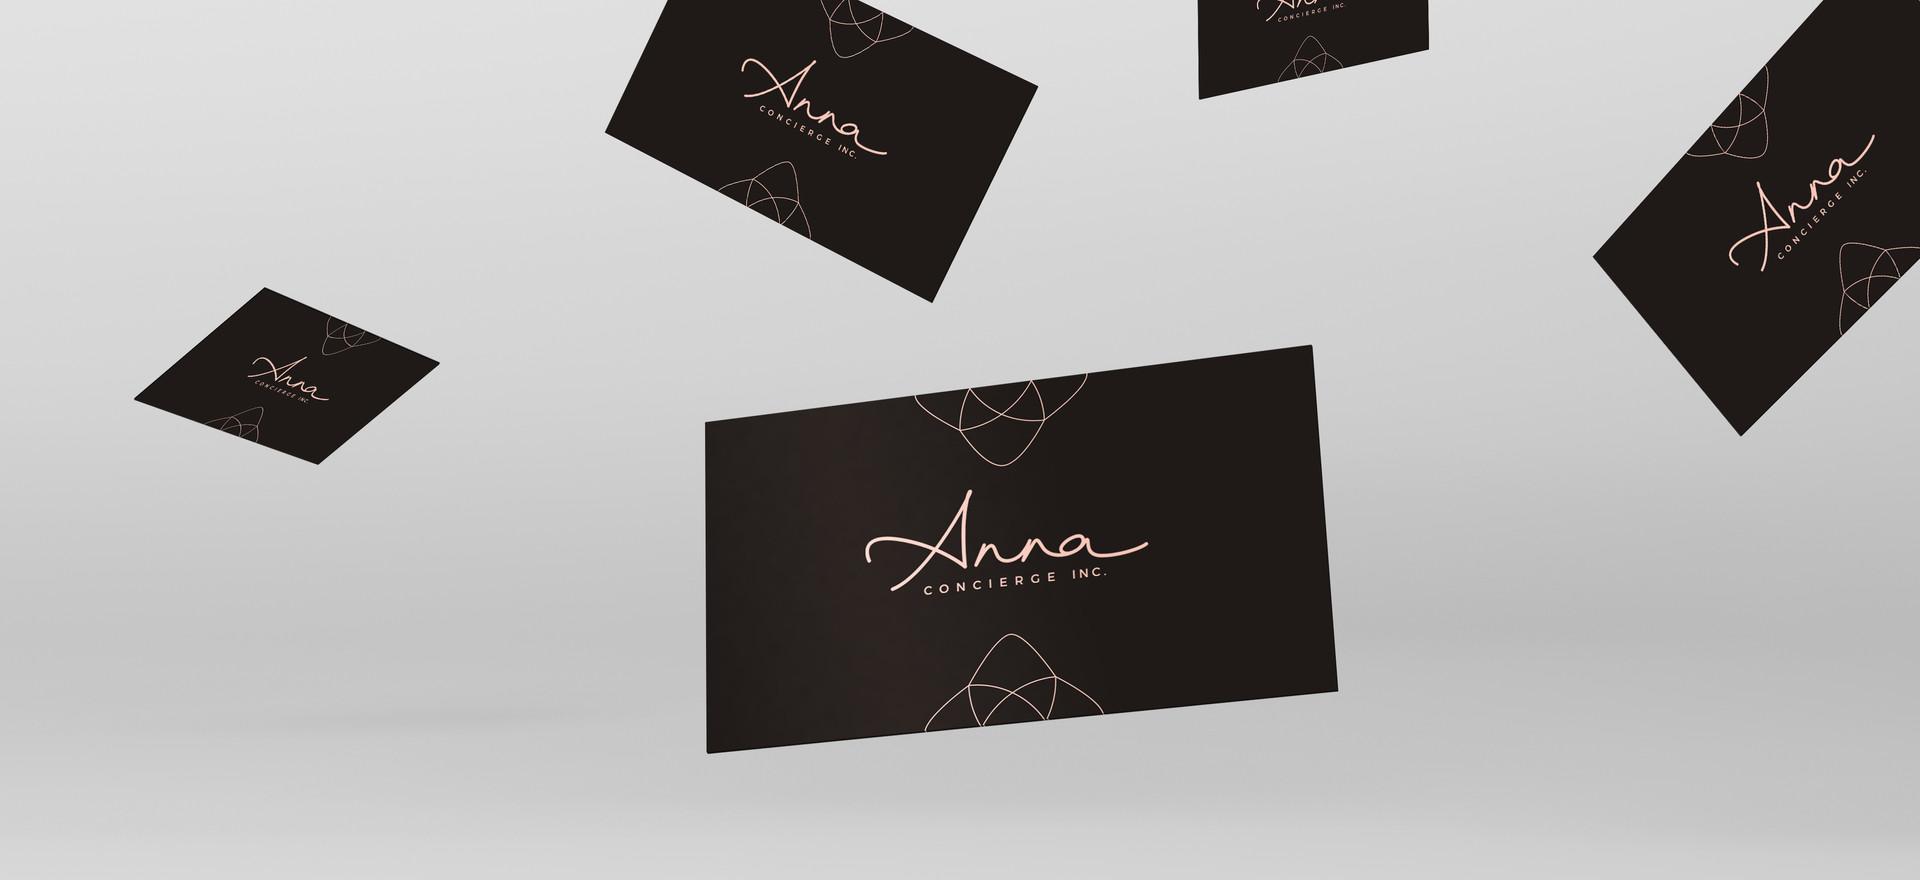 Anna Concierge